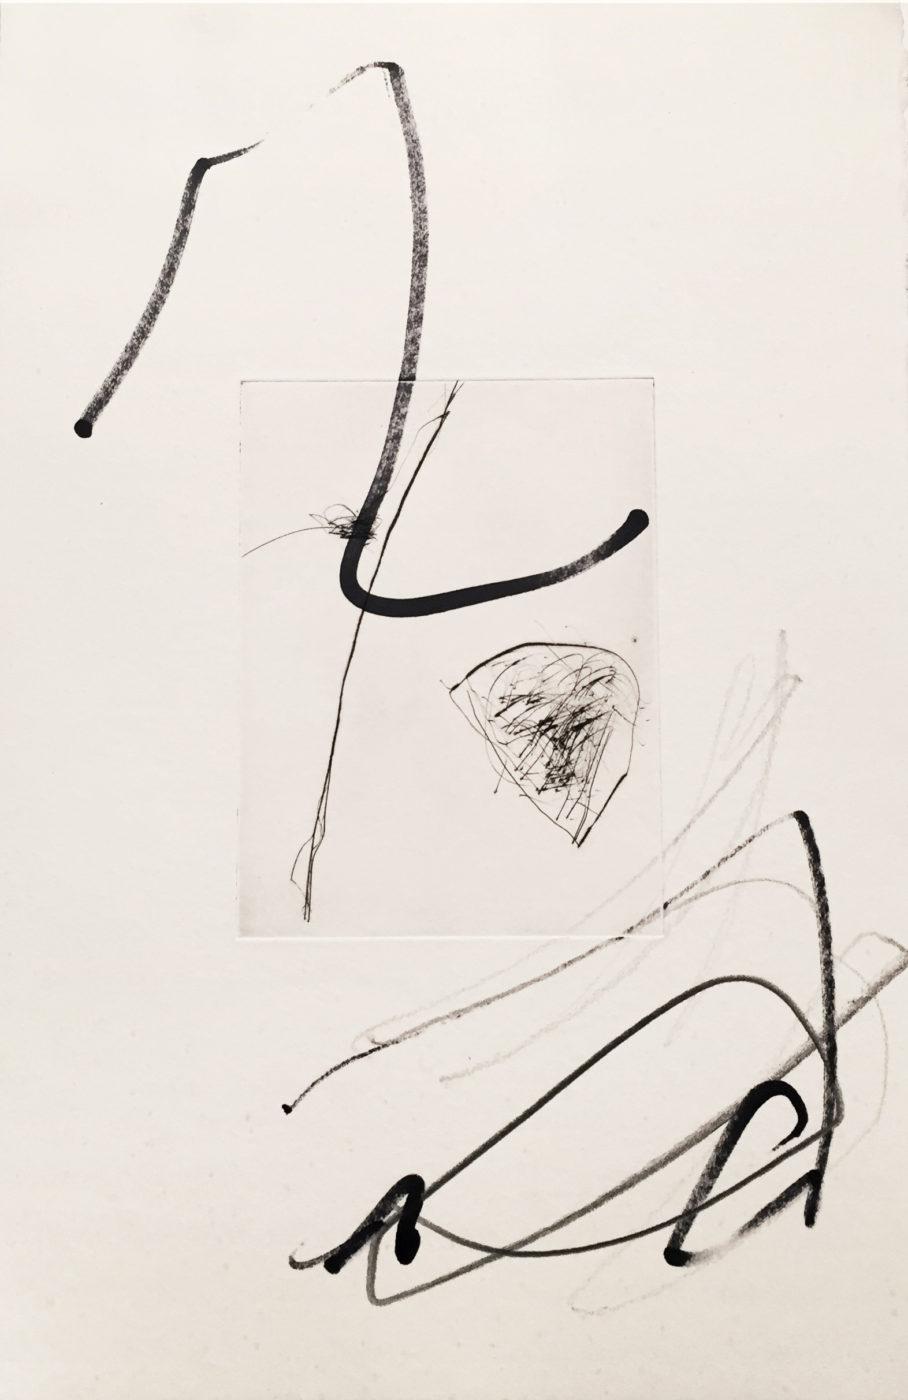 MARC FELD 2010-2016 LIGNES DE FUITE 1 Gravure sur zinc rehaussée au stylo feutre 28 x 38 cm tirage Patrick Vernet